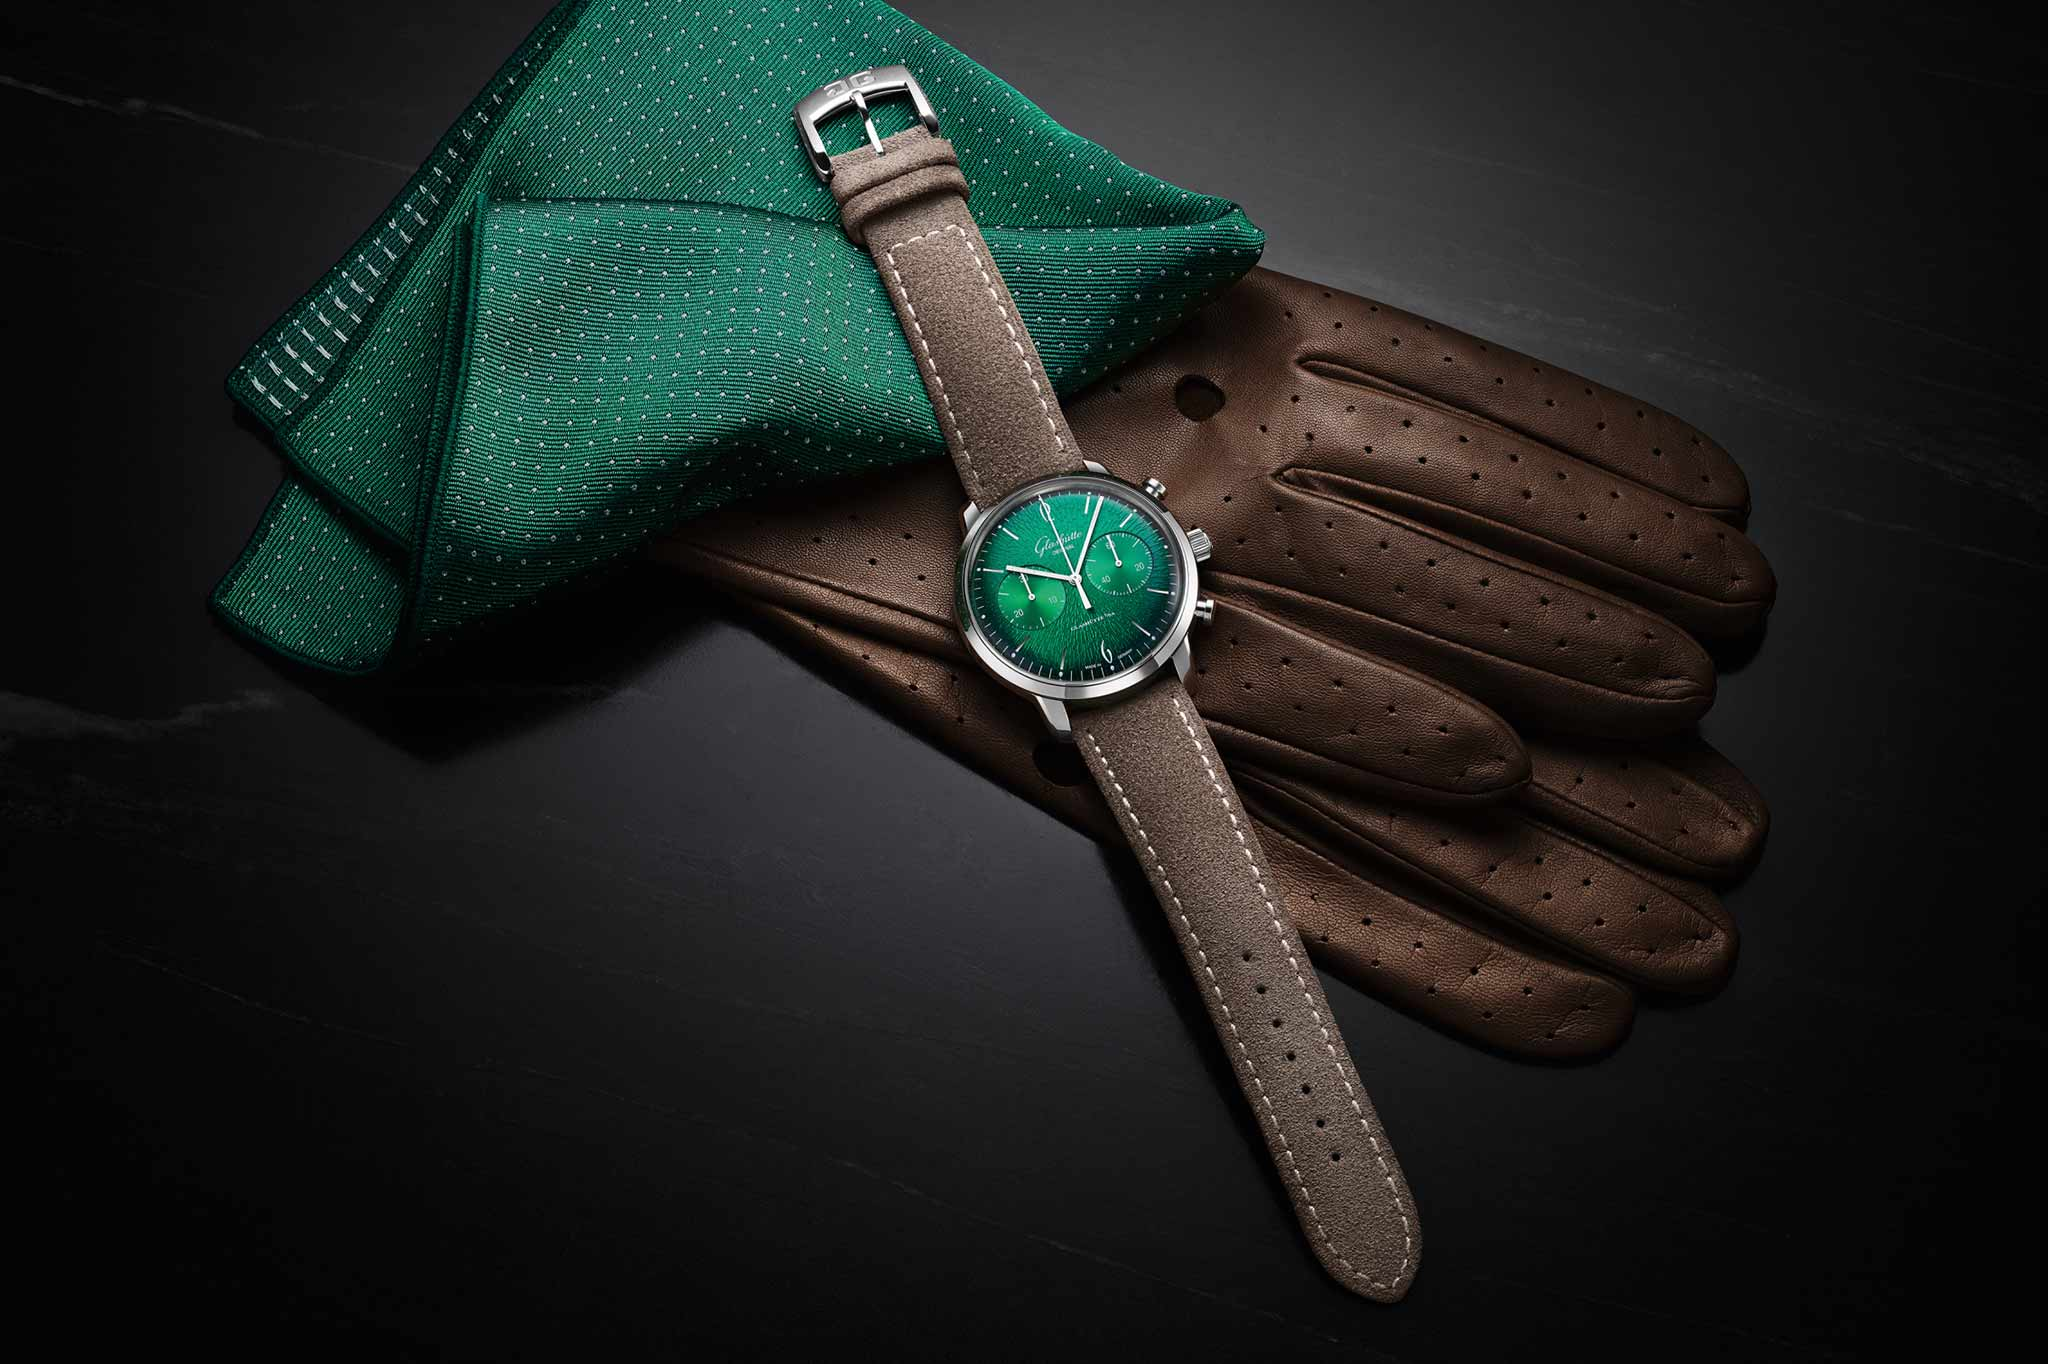 Glashütte Original_Sixties_Chronograph mit grünem Zifferblatt 2